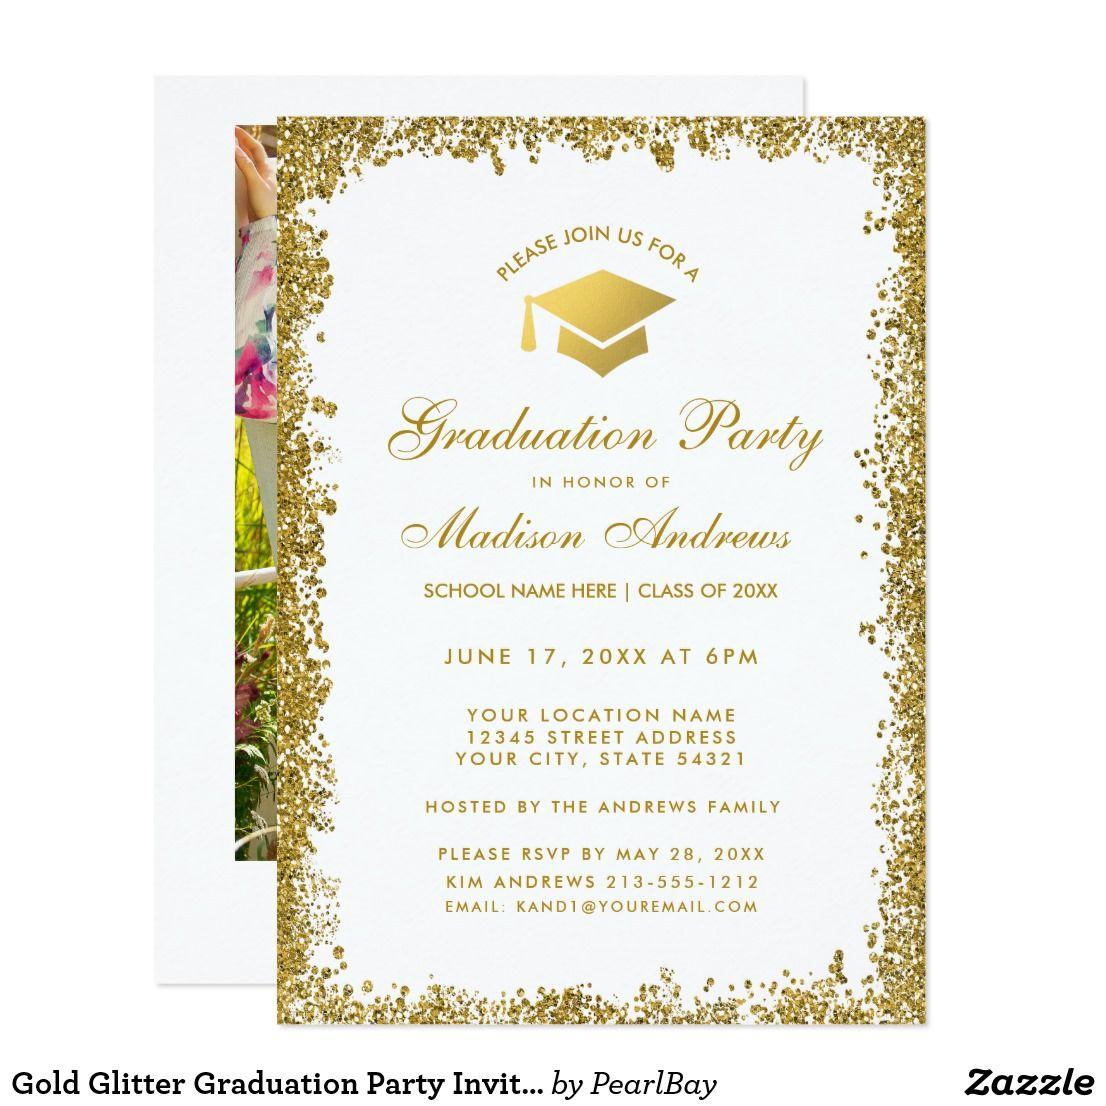 Gold Glitter Graduation Party Invite W